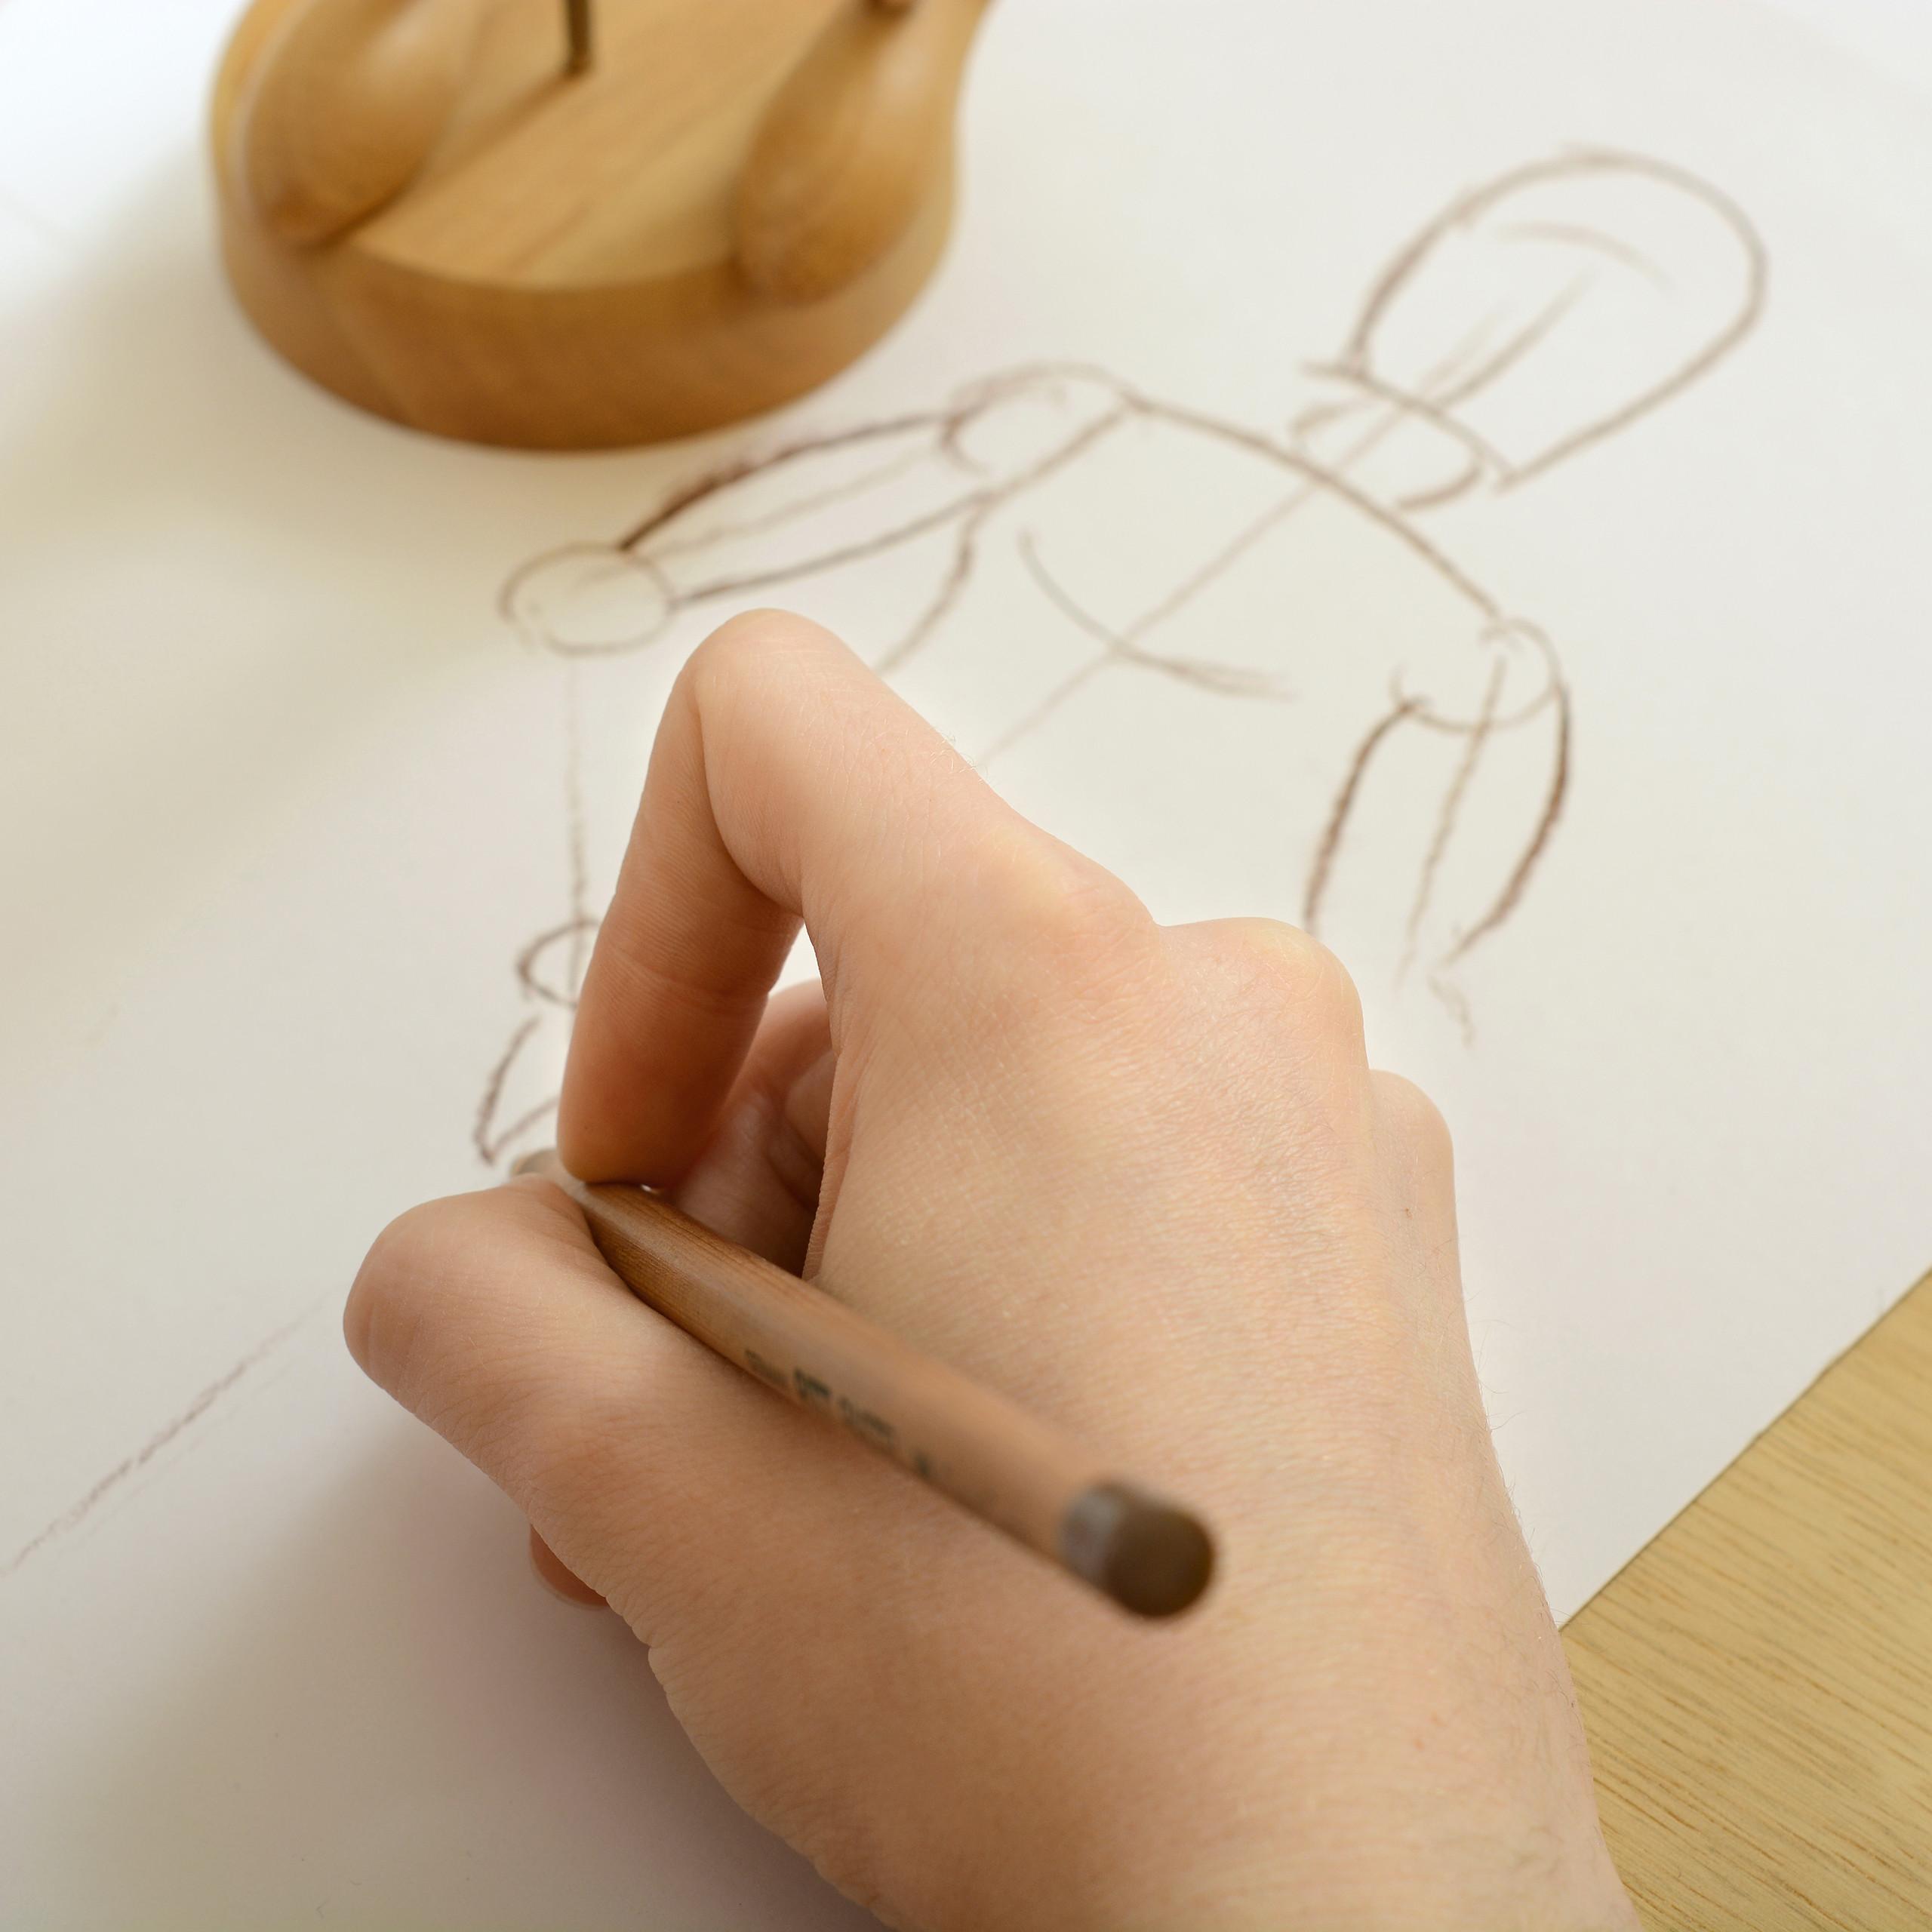 Gliederpuppe-Malhilfe-Malfigur-Holzpuppe-Modellpuppe-Zeichenpuppe-Gelenkpuppe Indexbild 15